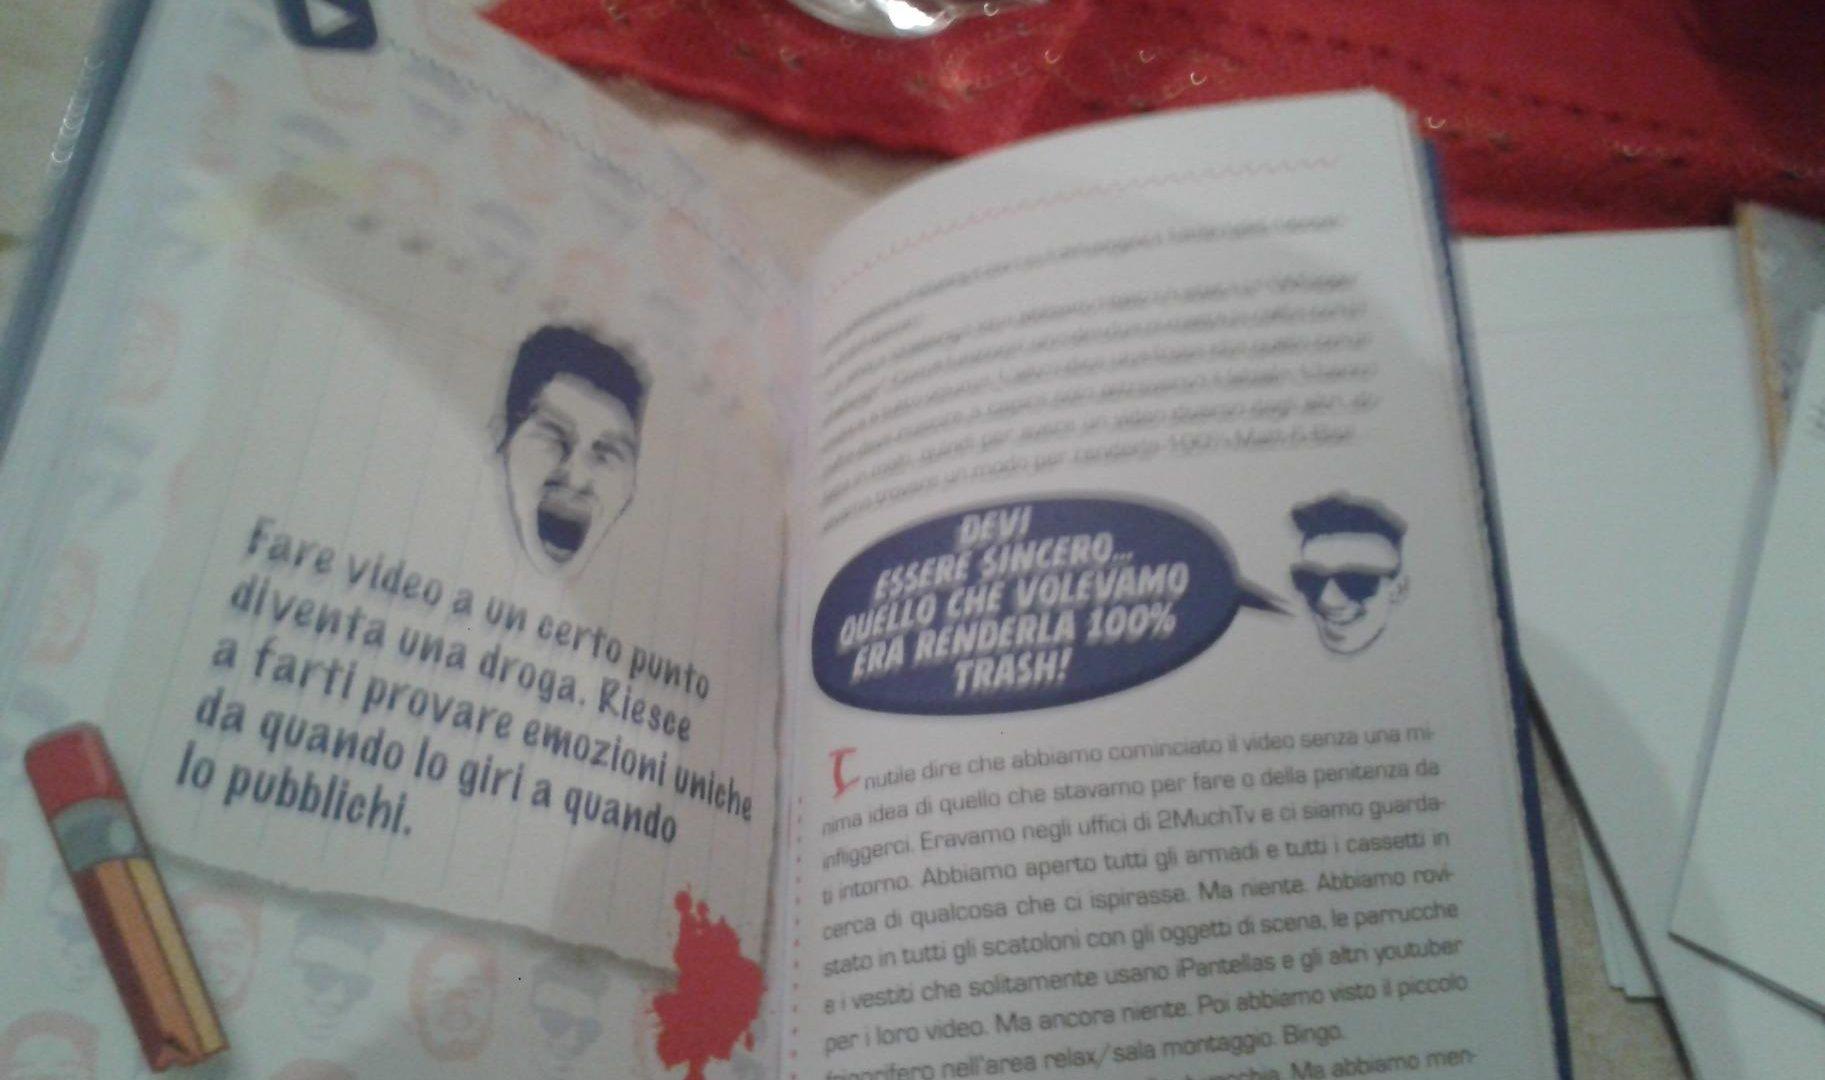 Libro Matt E Bise Youtuber